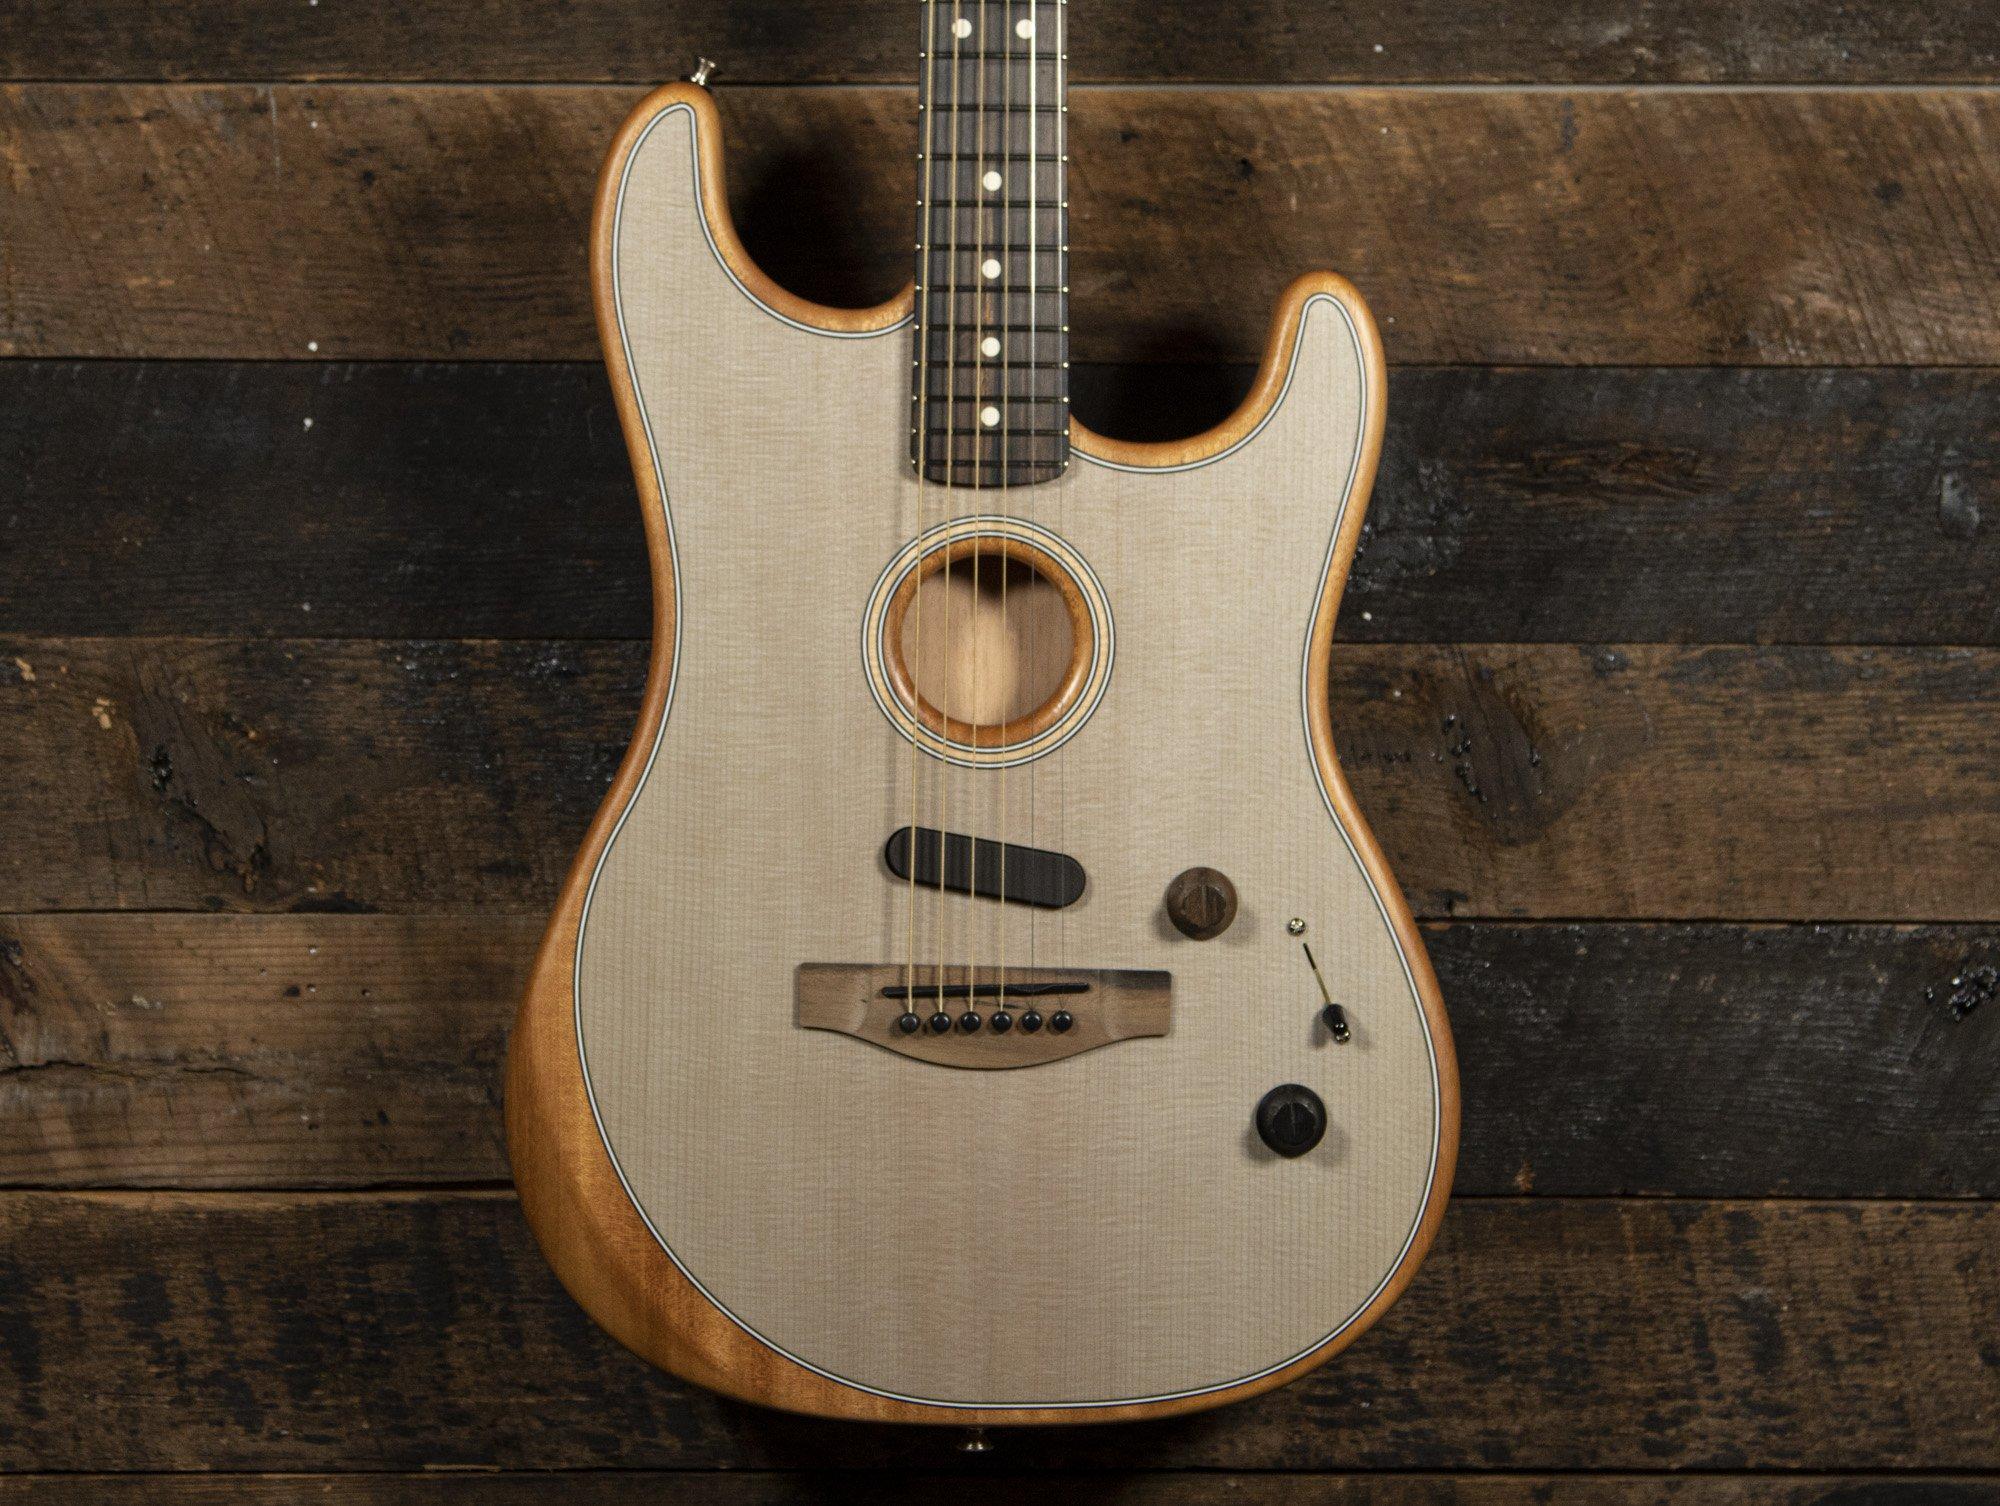 Fender AMERICAN ACOUSTASONIC STRATOCASTER TRANSPARENT SONIC BLUE